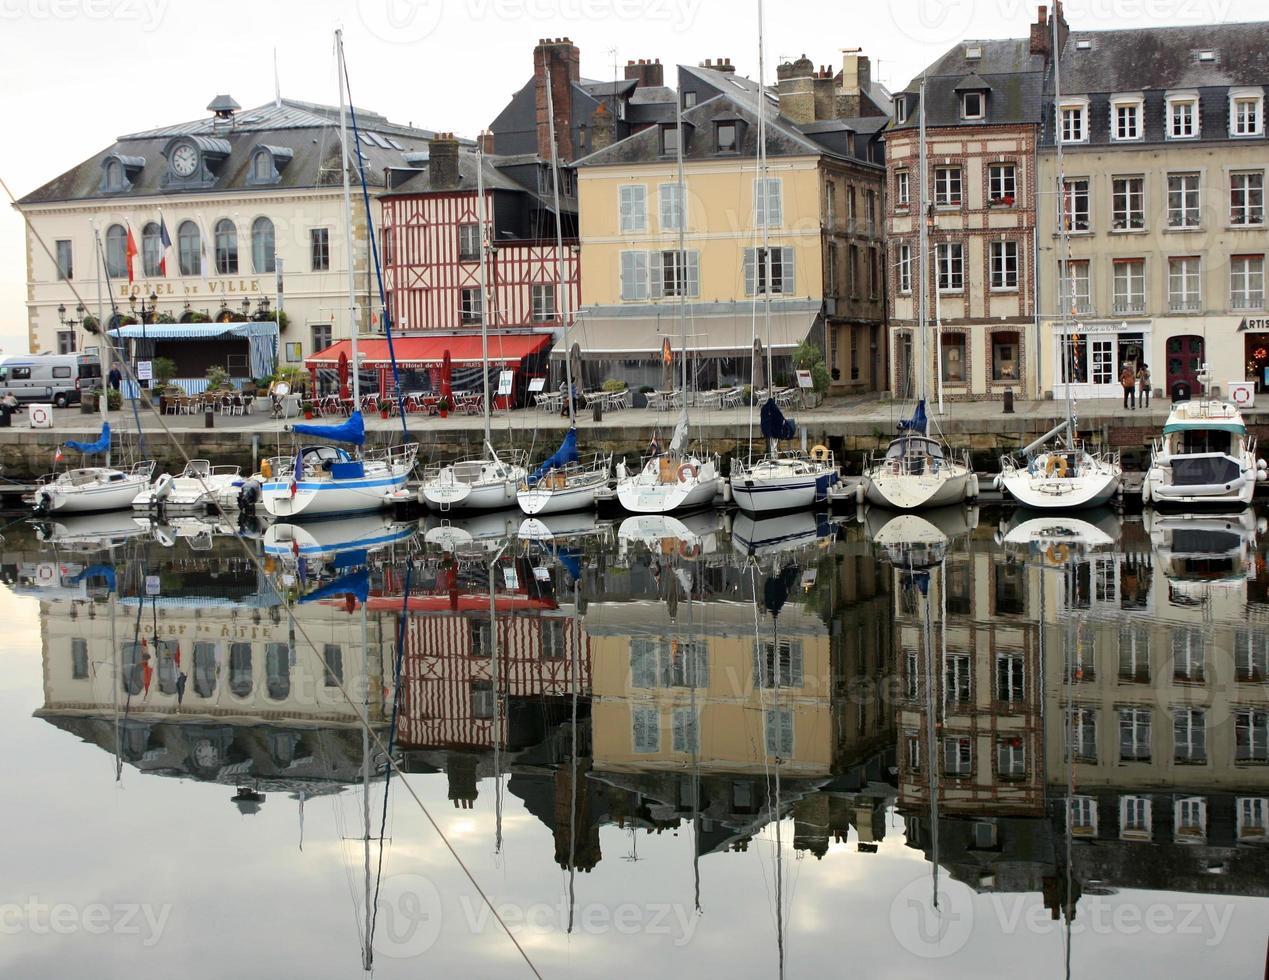 schepen in honfleur haven normandië frankrijk foto